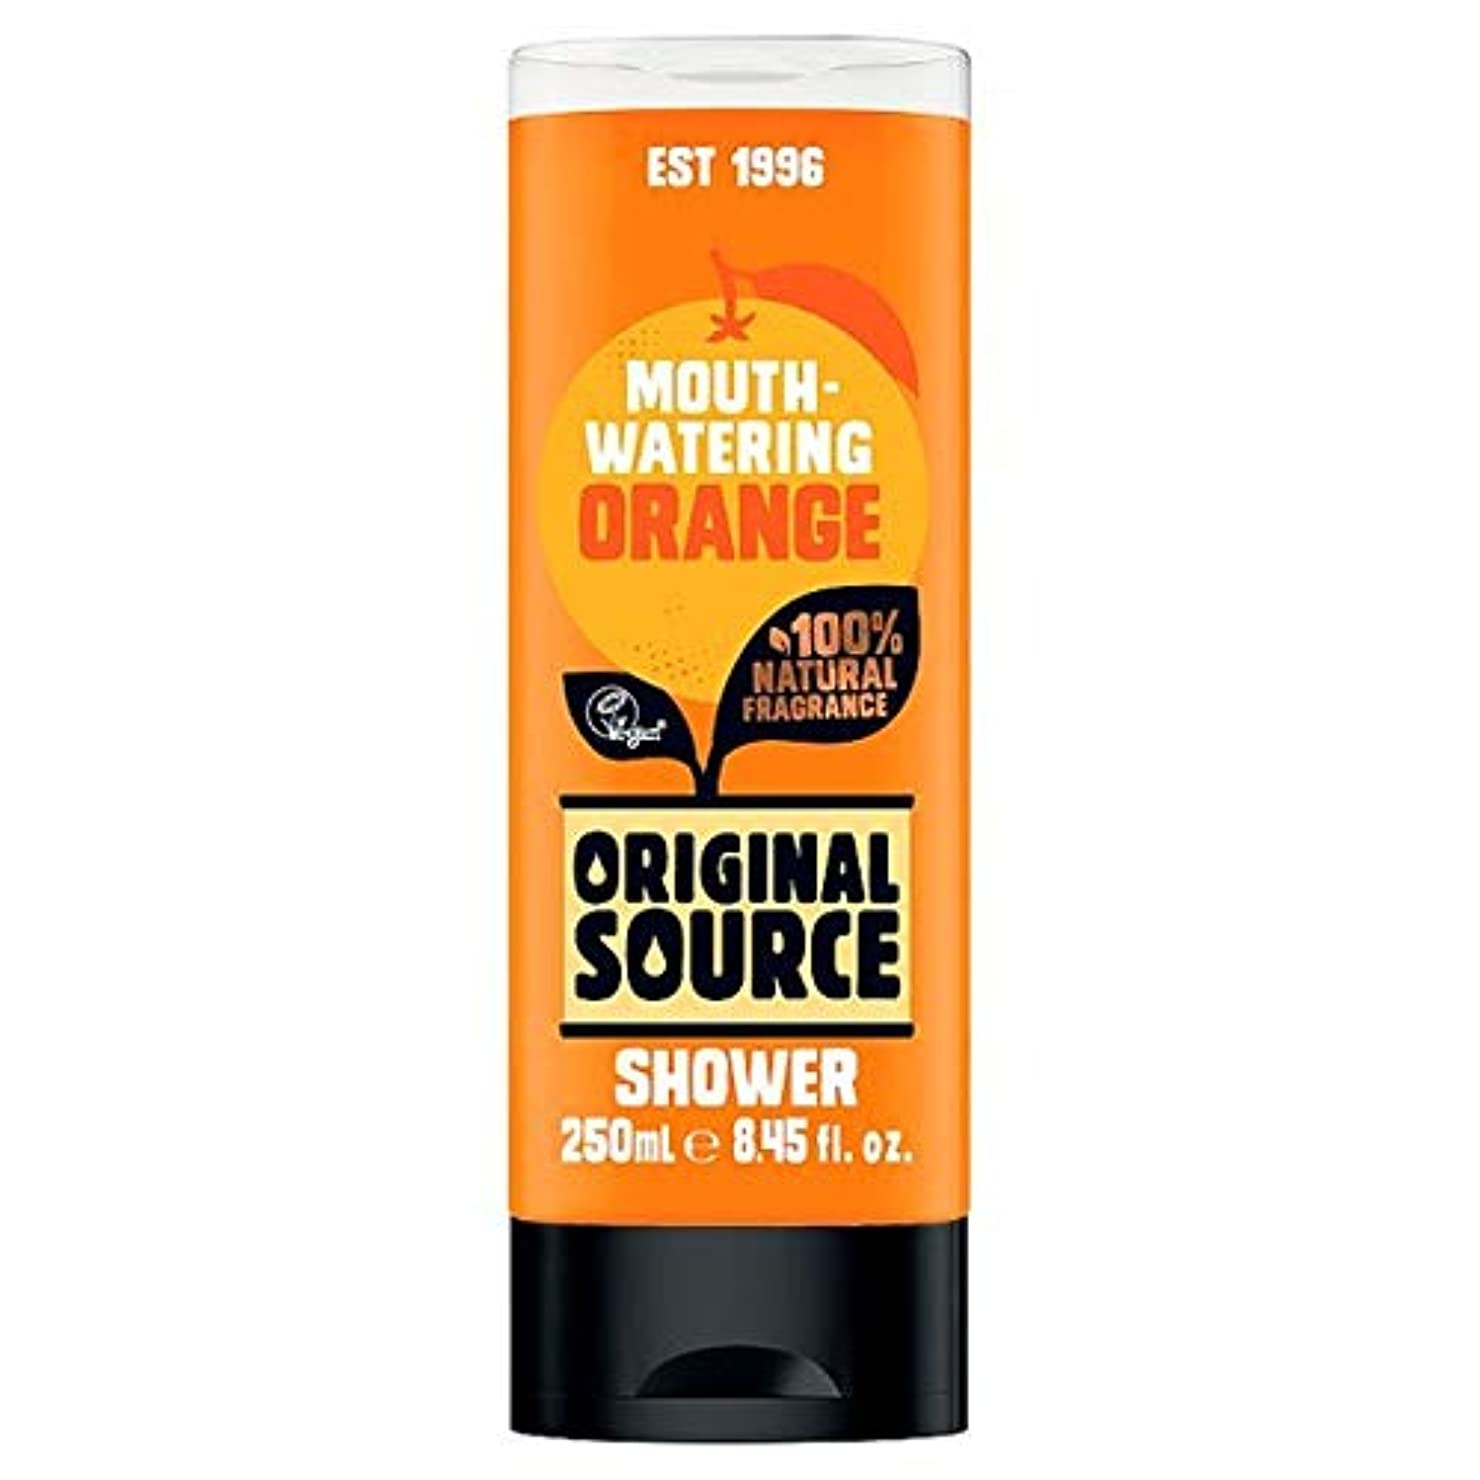 審判先に鉄道[Original Source ] 元のソースオレンジシャワージェル250ミリリットル - Original Source Orange Shower Gel 250Ml [並行輸入品]